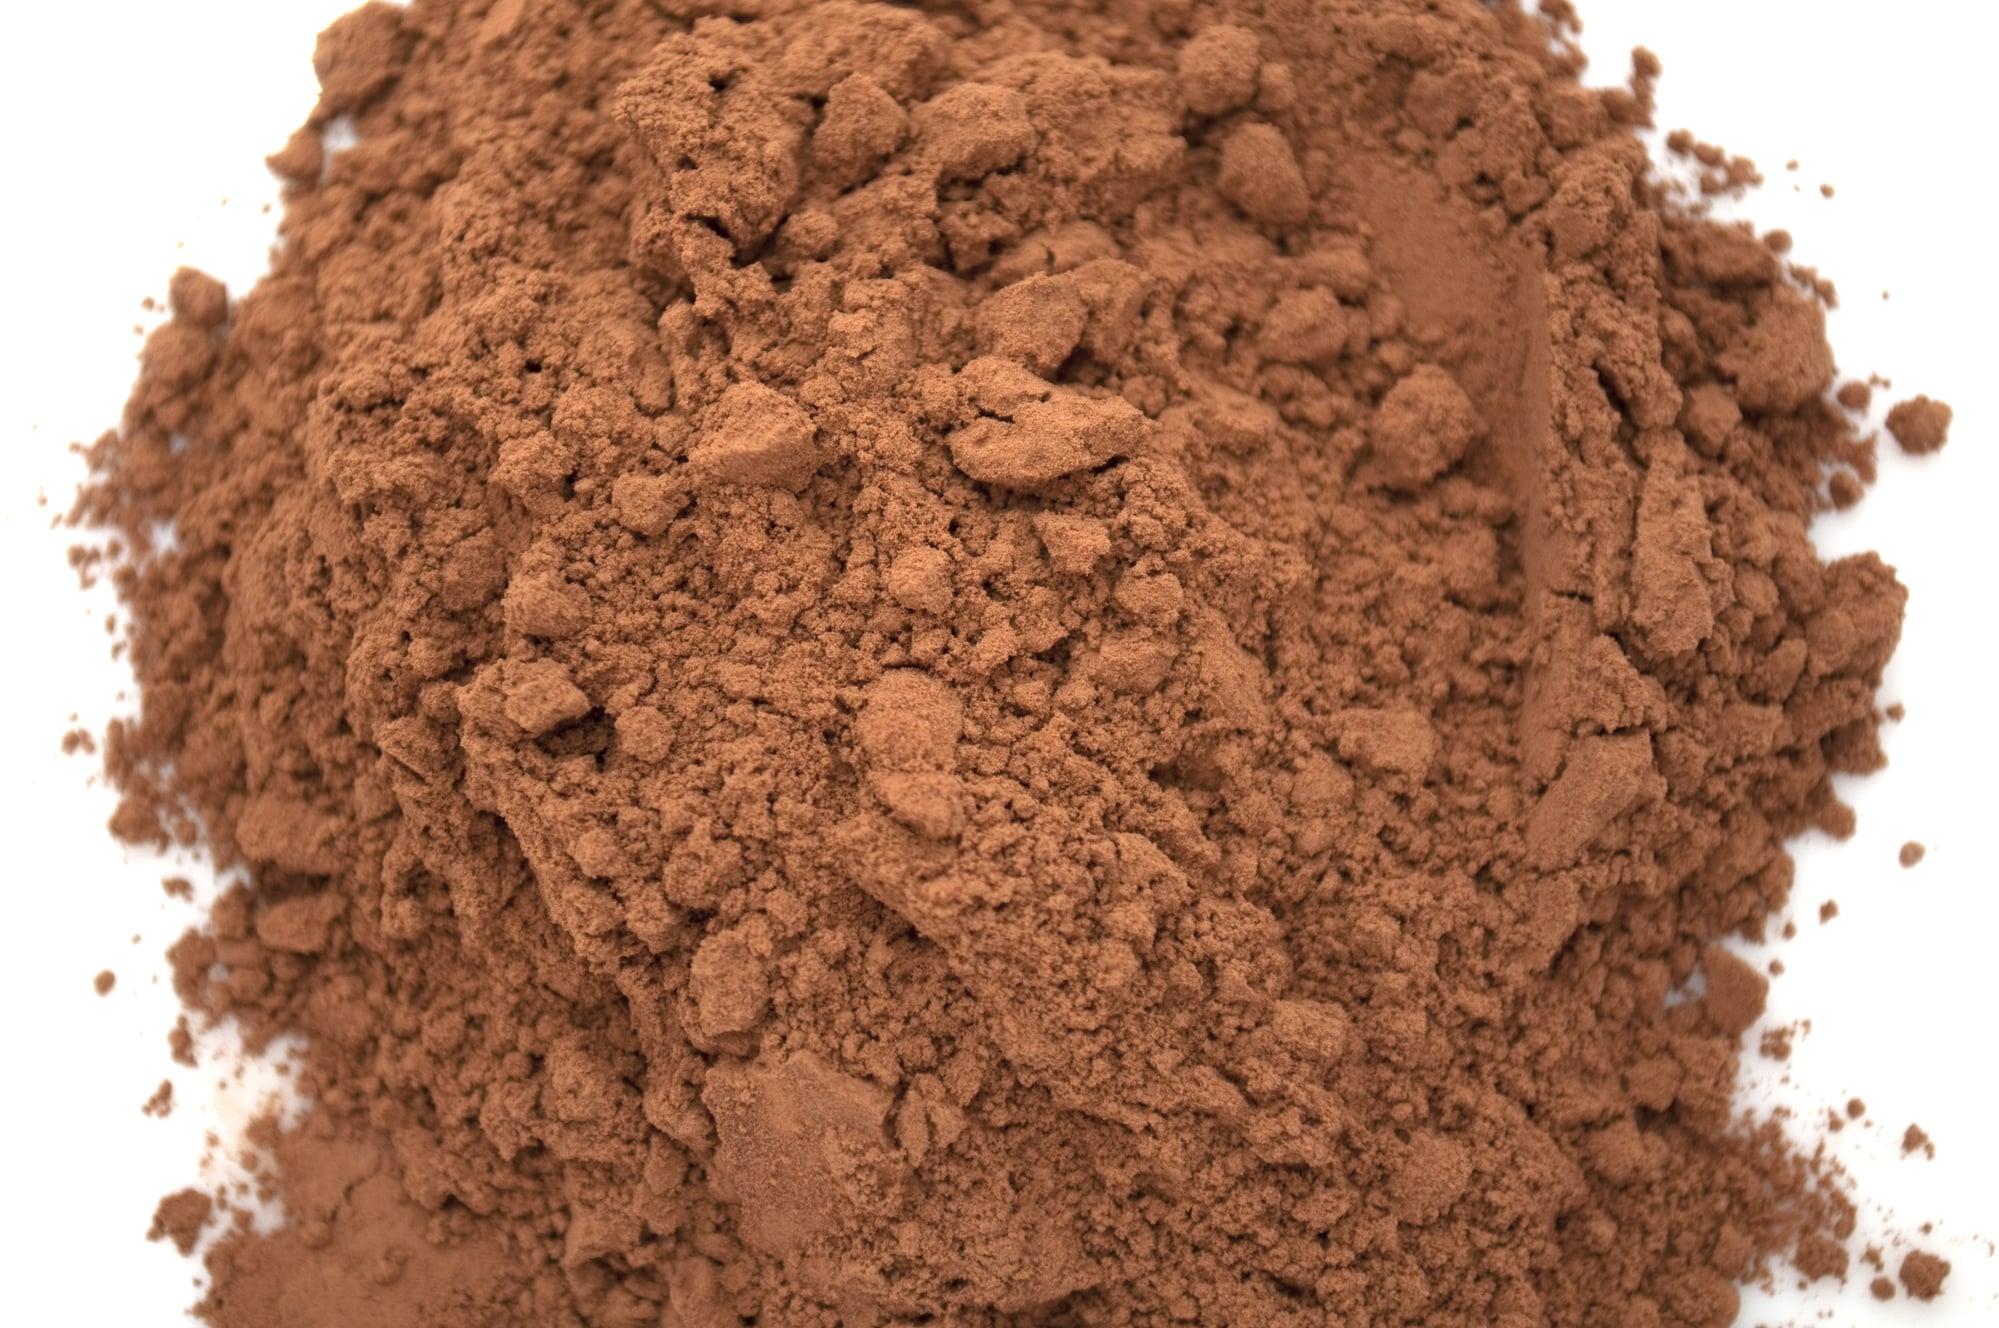 Dutch Process Cocoa Vs. Cocoa Powder